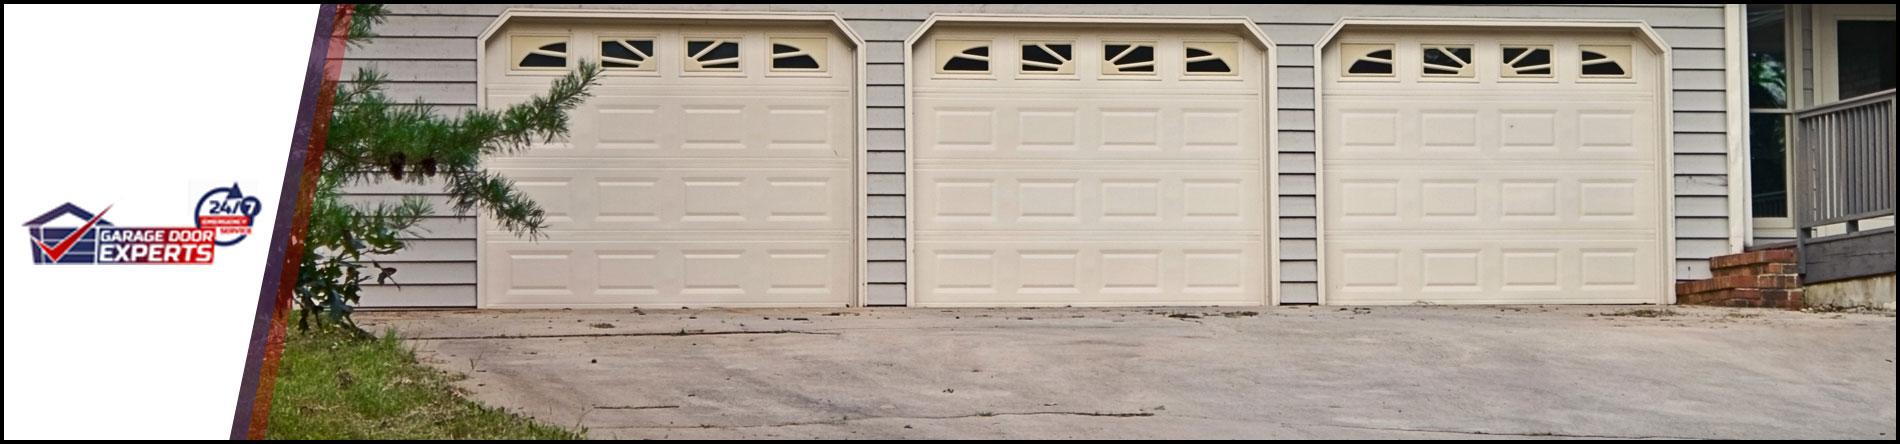 Garage Door Experts Llc Google